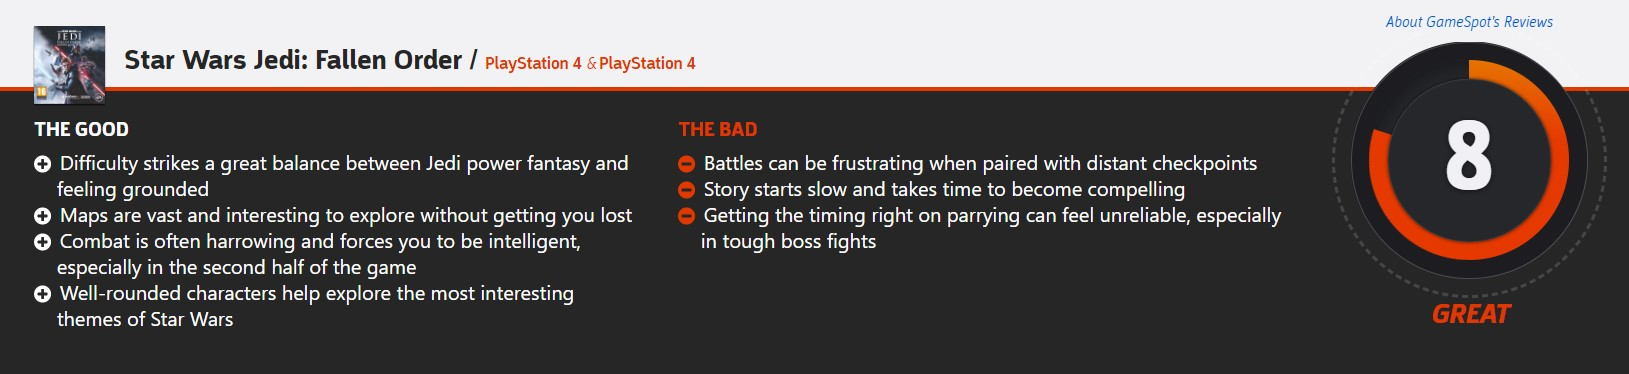 《星球大战绝地:陨落的武士团》评分解禁:IGN 9分 GS 8分 M站86